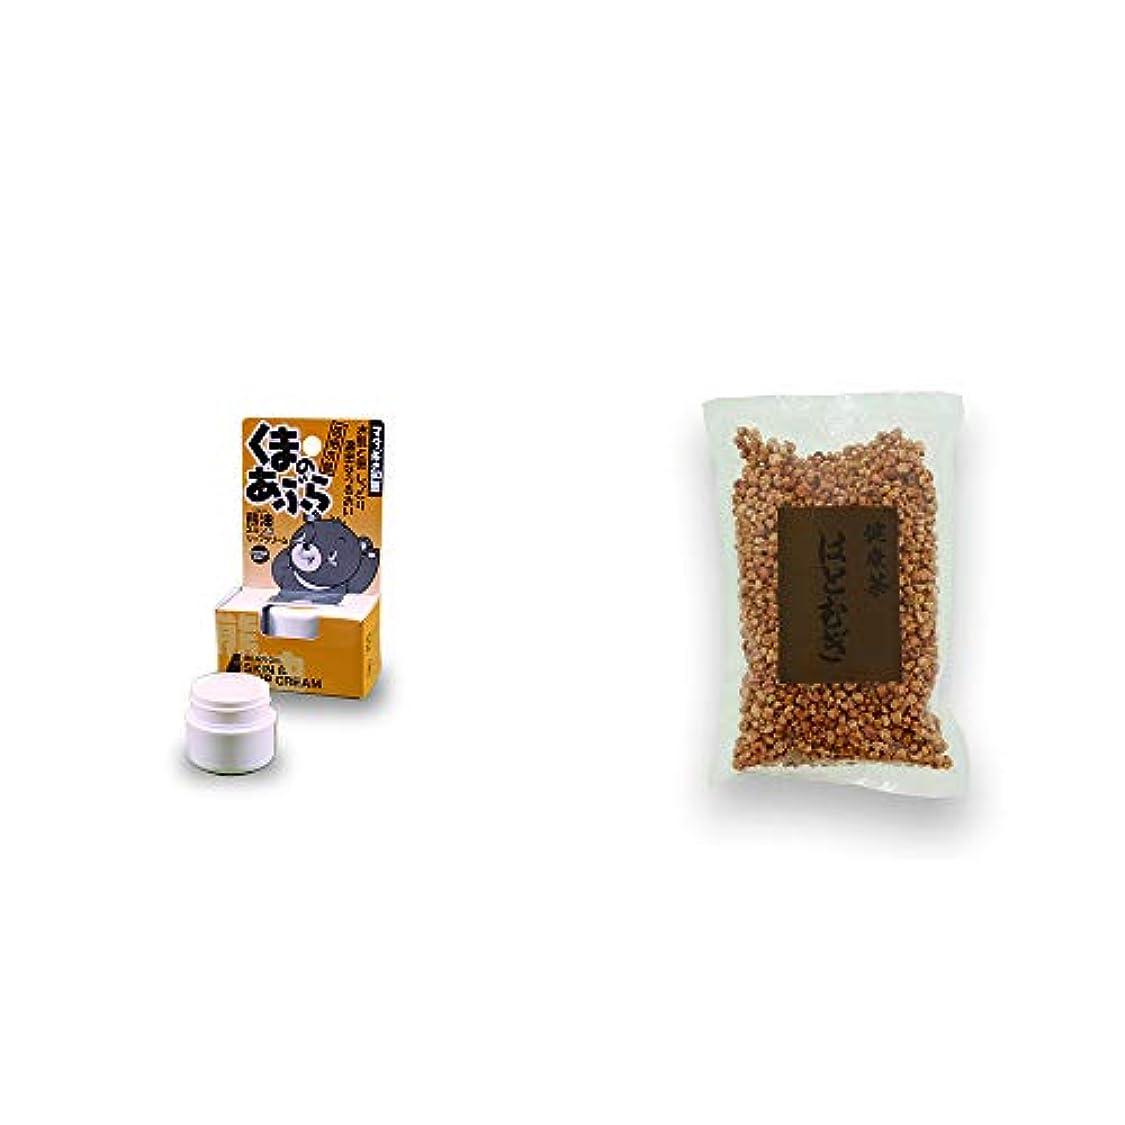 責任者エンドテーブルモバイル[2点セット] 信州木曽 くまのあぶら 熊油スキン&リップクリーム(9g)?健康茶 はとむぎ(200g)